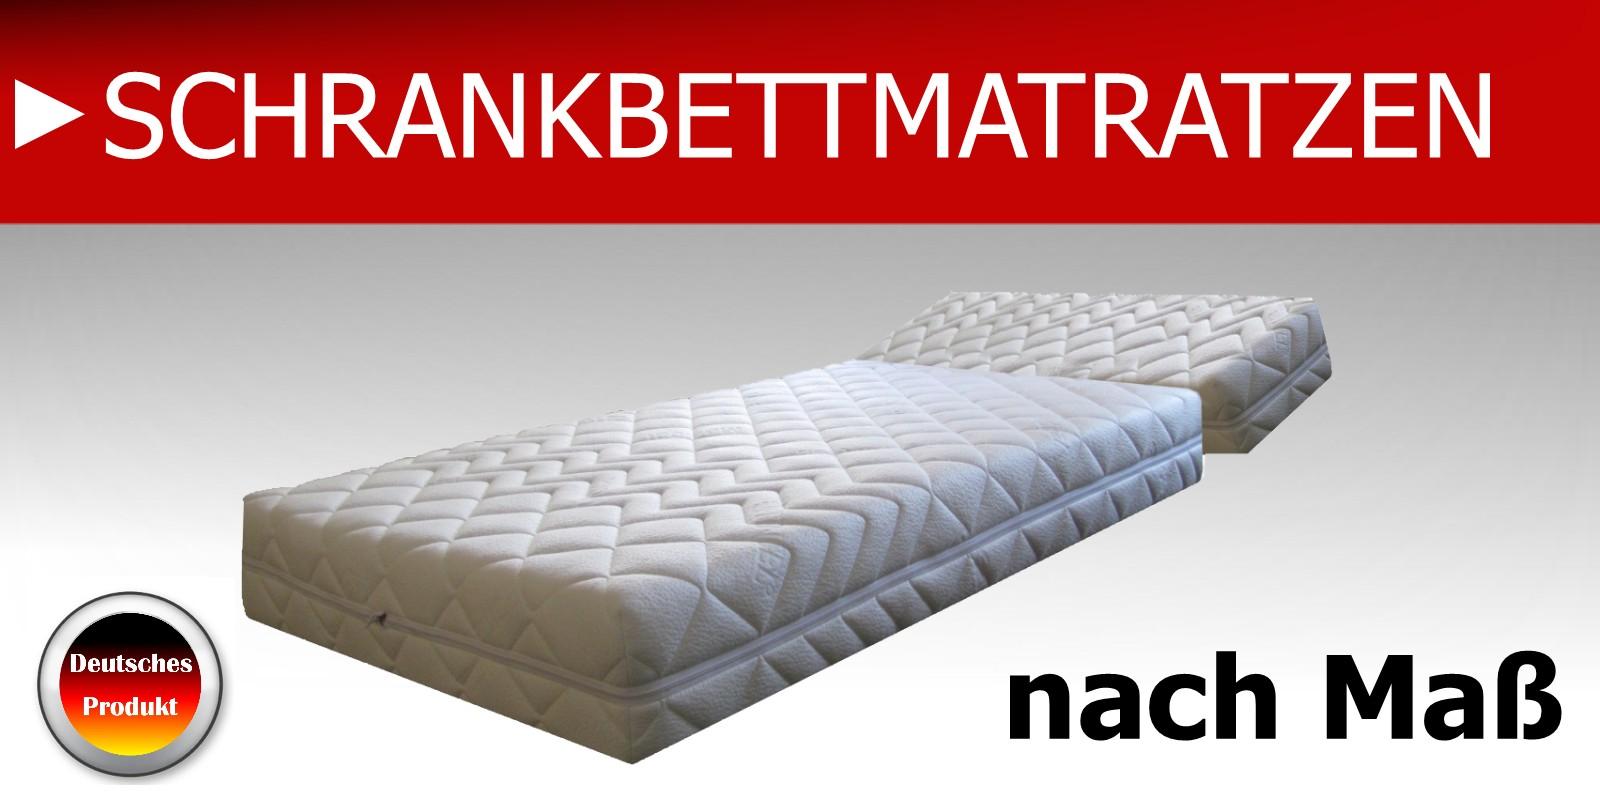 Schrankbettmatratzen-Matratzen-nach-Mass-Matratzen-Massanfertigung-Matratzen-Sonderanfertigung